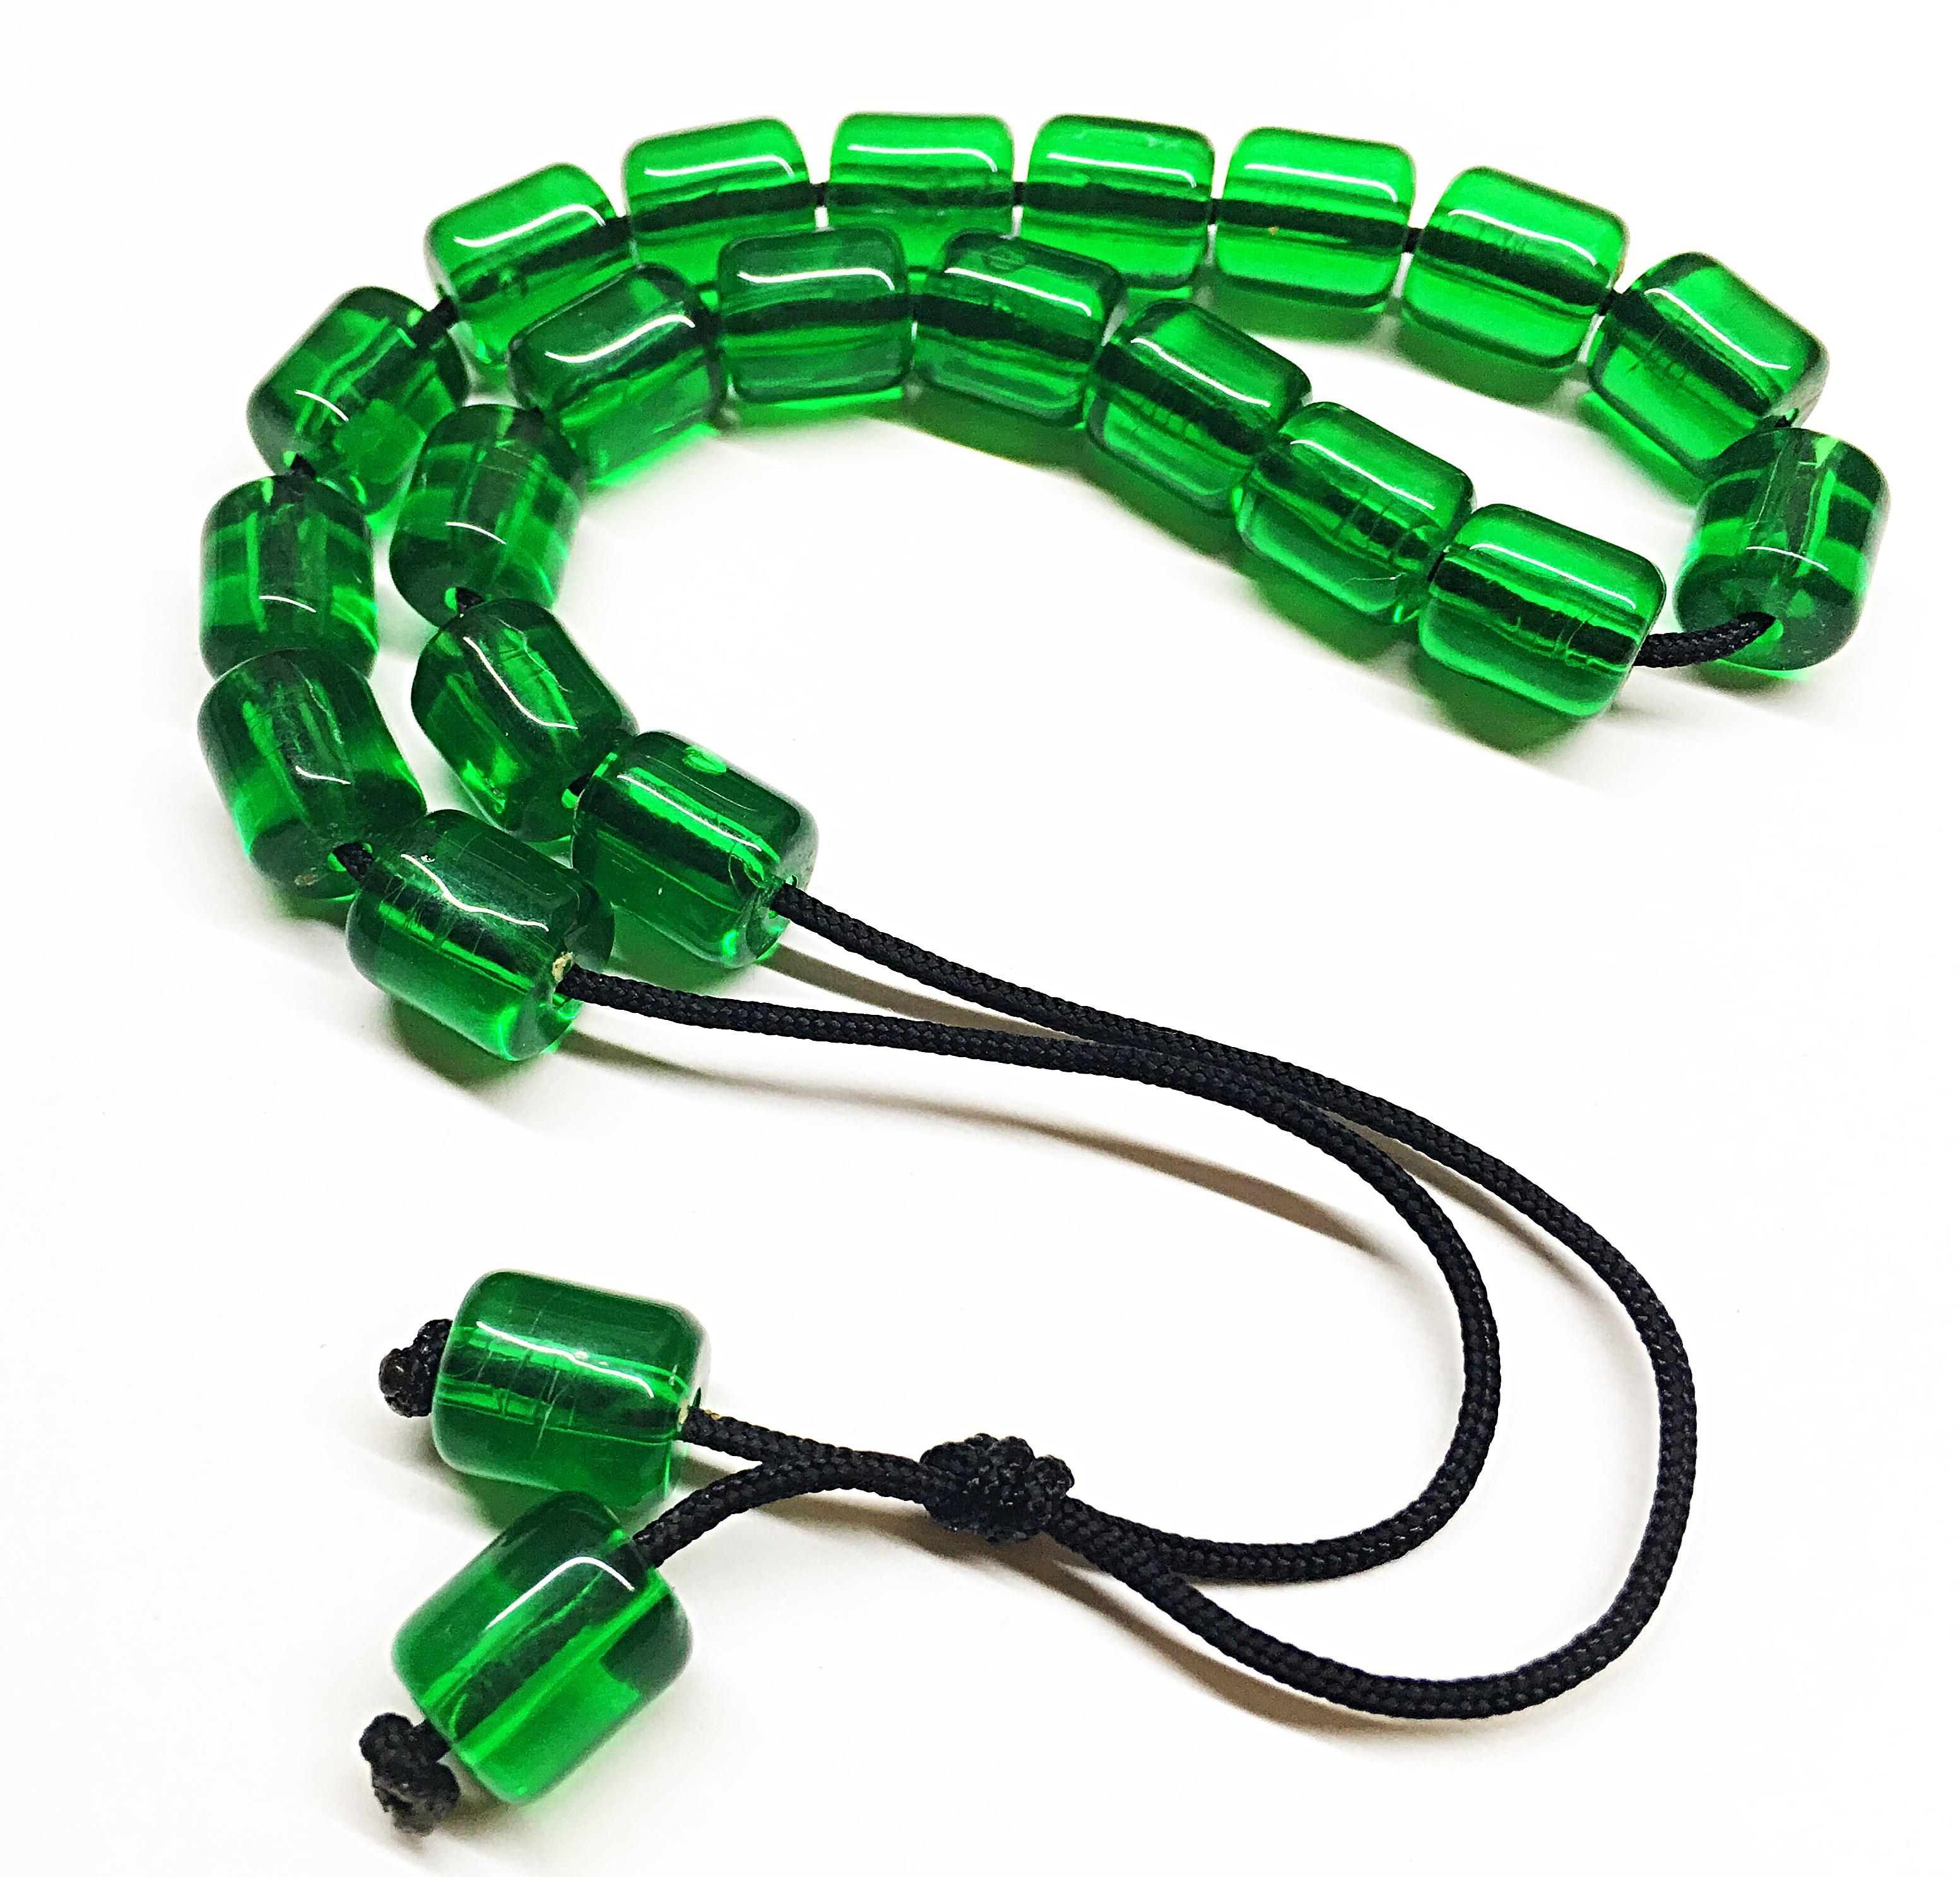 Χειροποίητο Κομπολόι από ρητίνη πράσινη